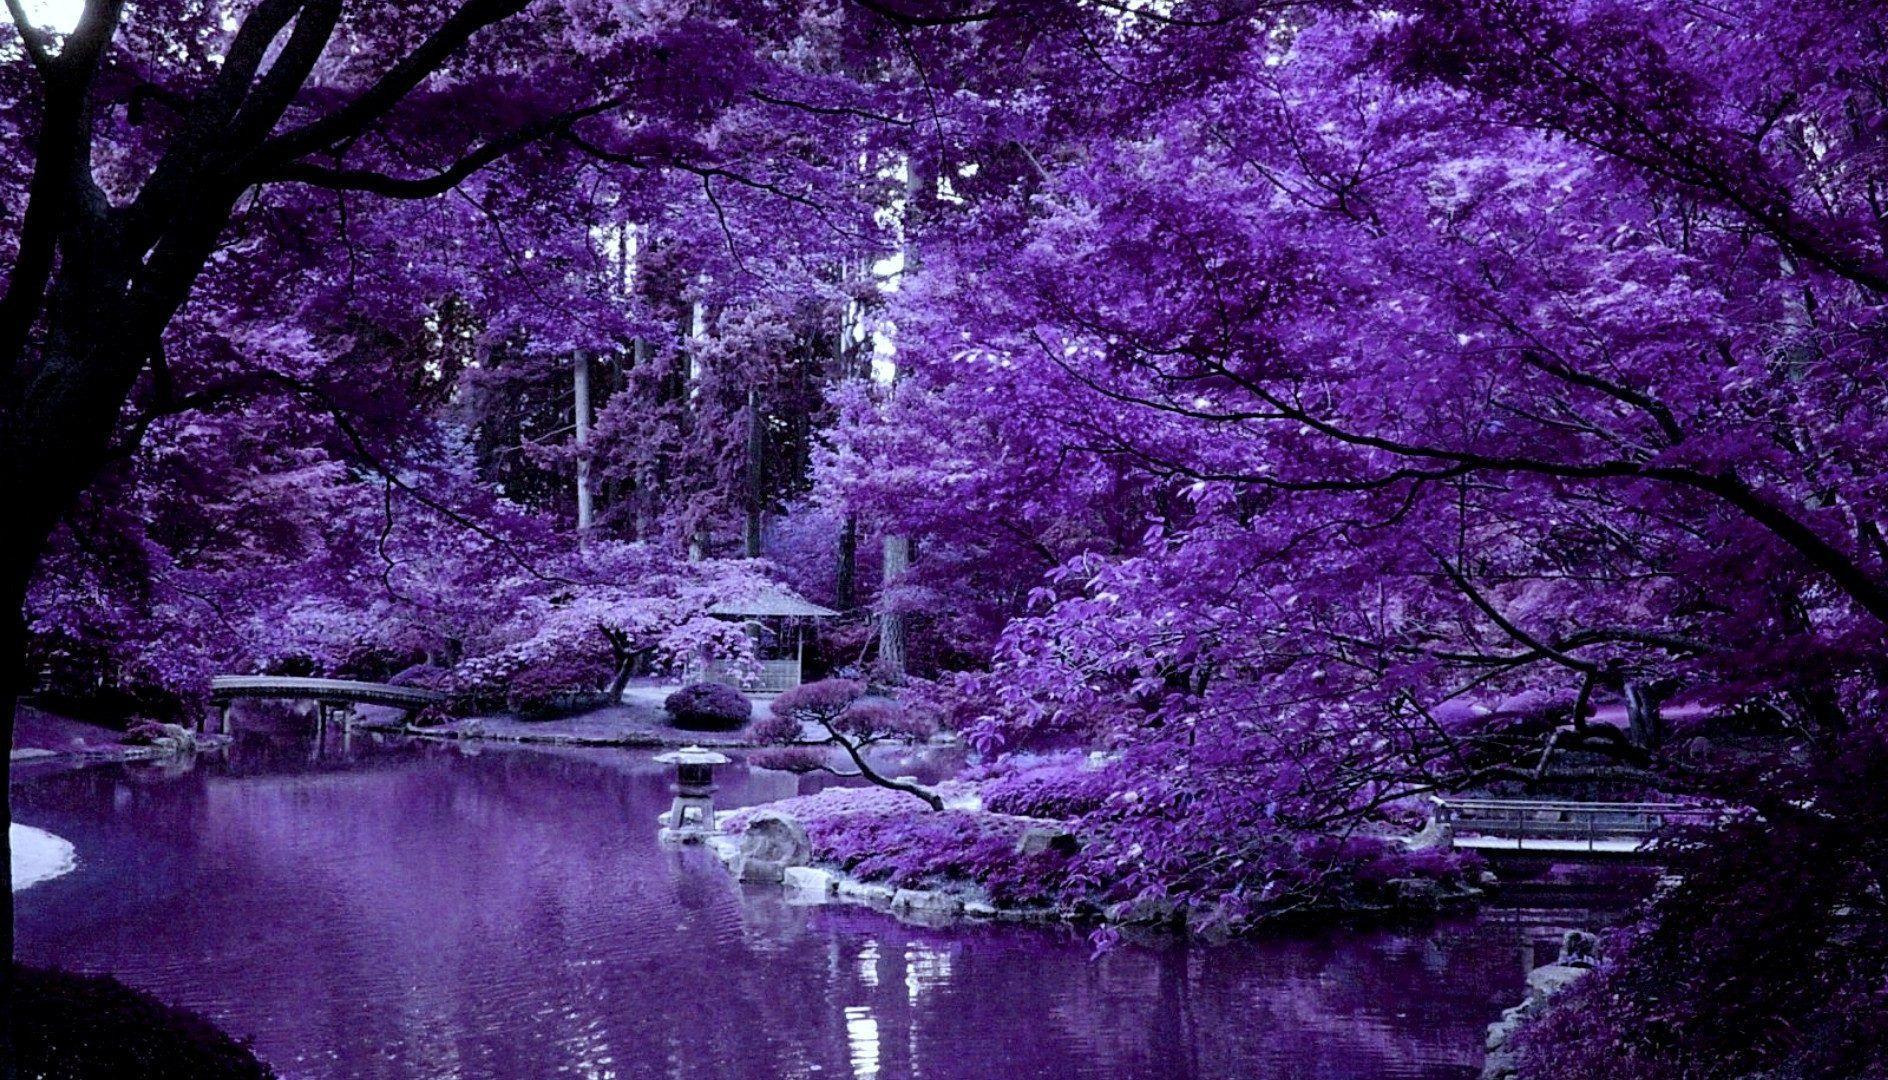 картинка сакуры дерево сиреневая процесс уничтожения вегетативных